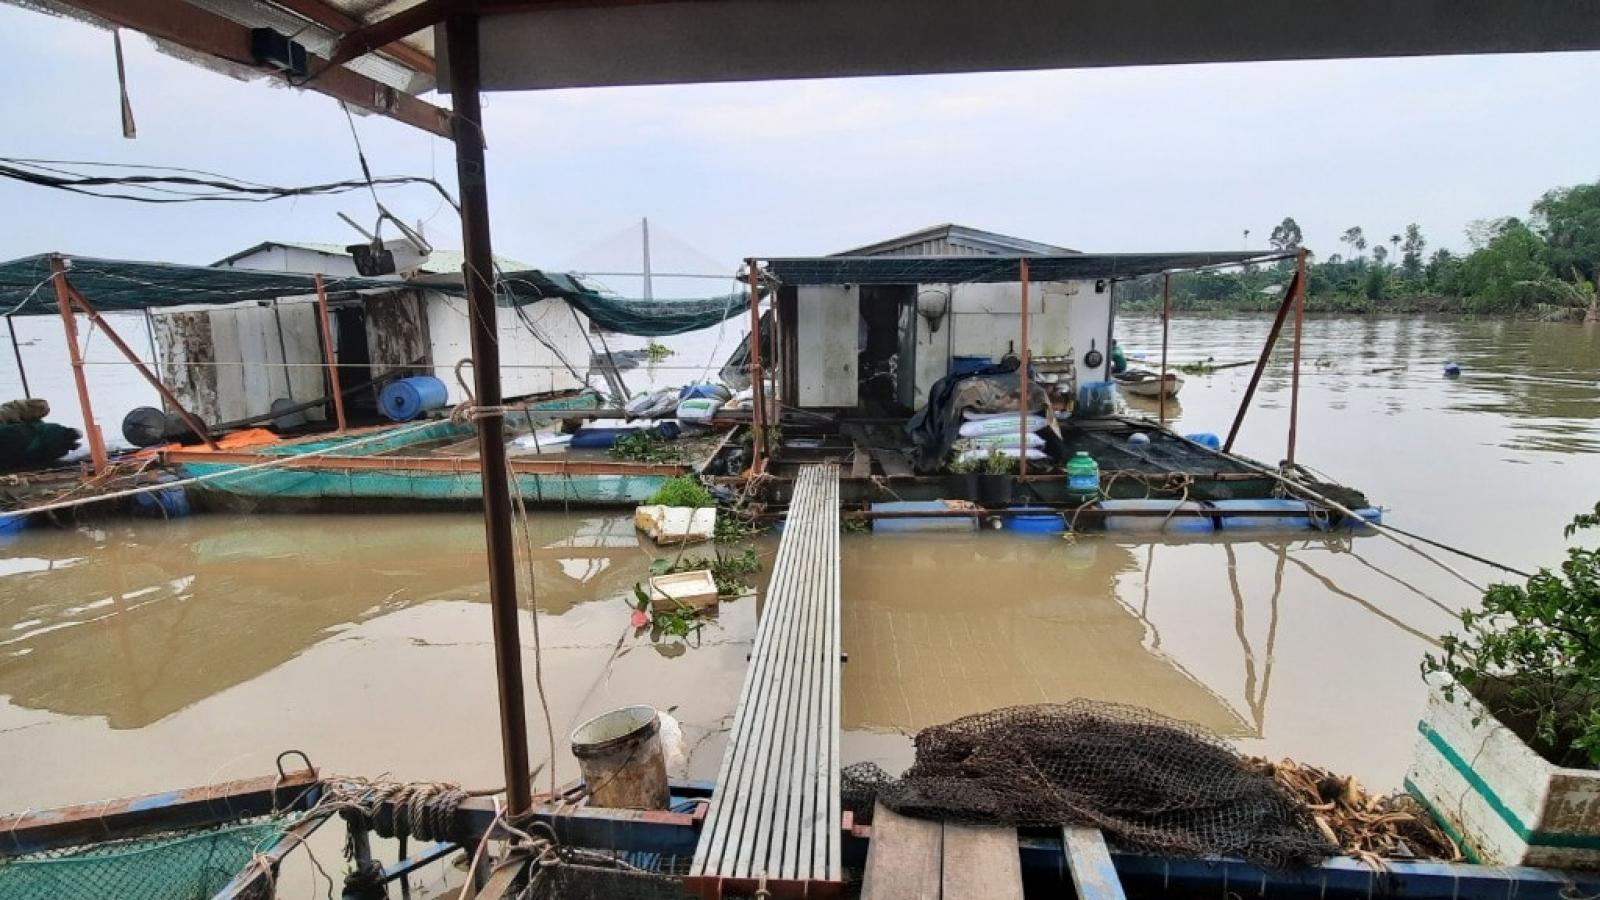 Tiền Giang:Điều tra vụ tàu chở container tông vào bè cá làm 12 tấn cá thoát ra sông Tiền